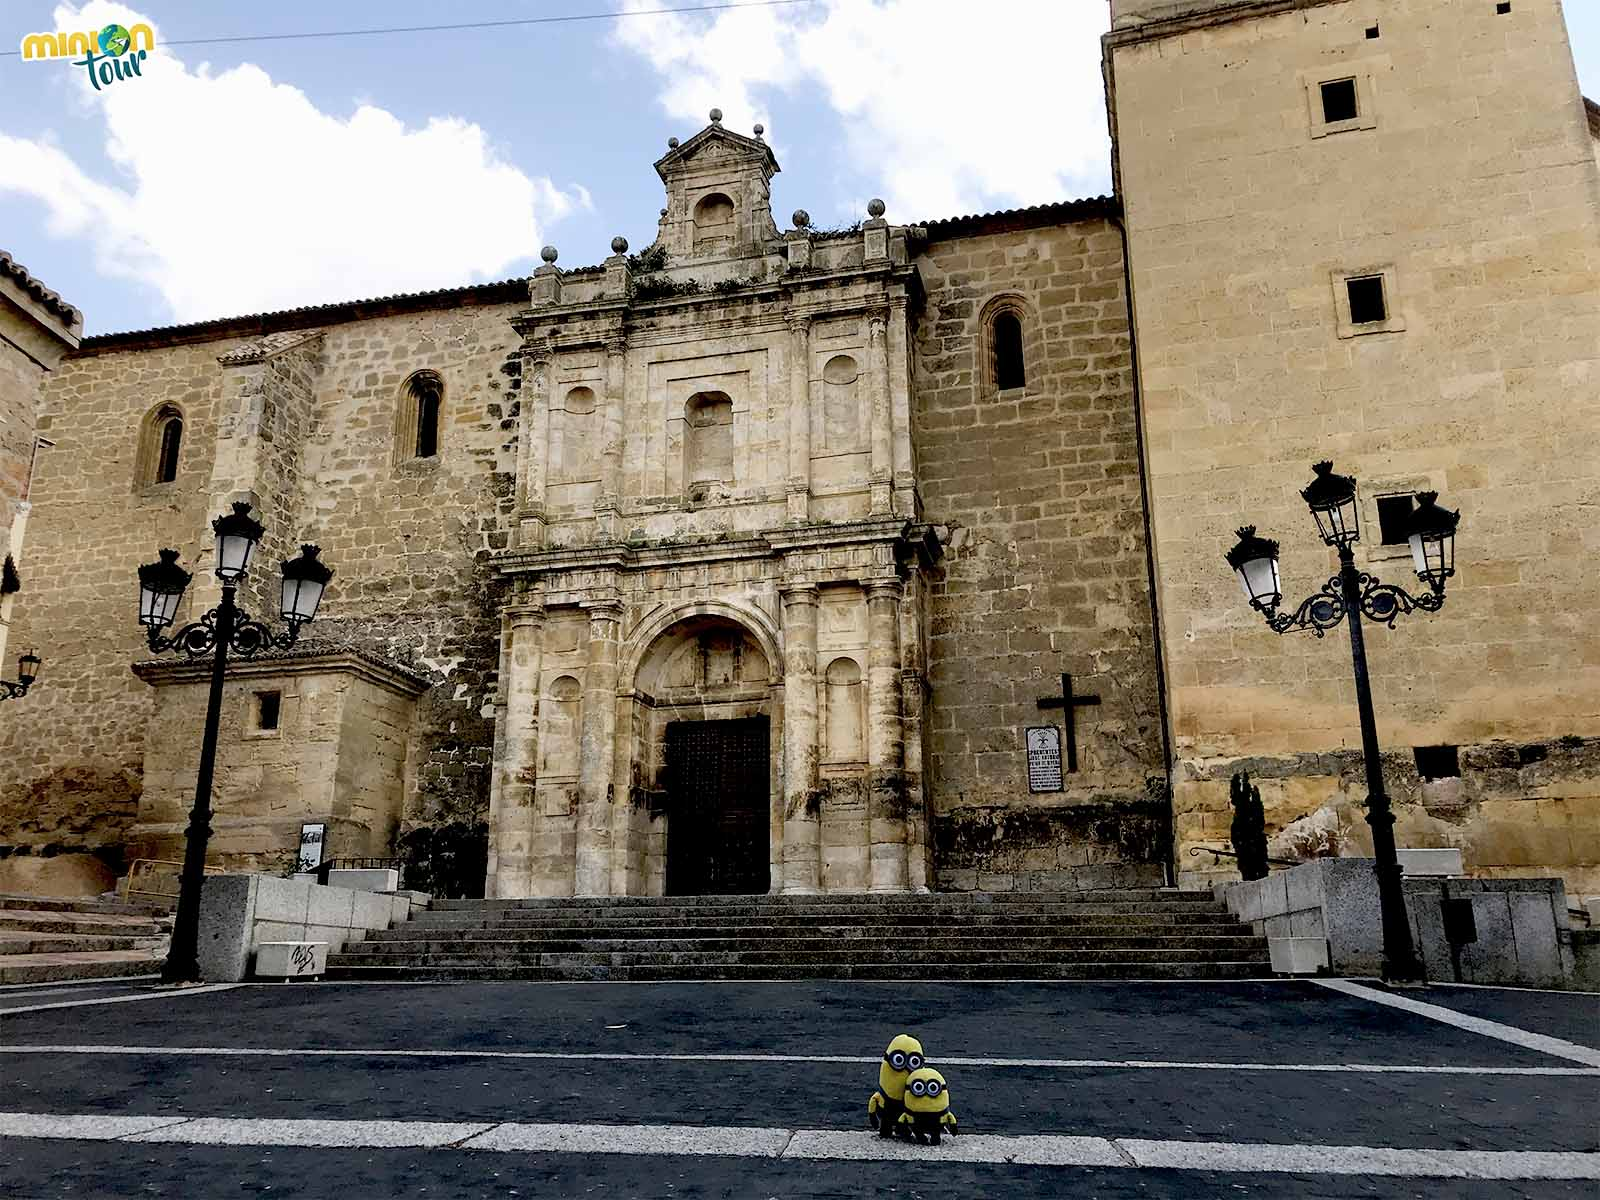 La Iglesia de Nuestra Señora de la Asunción